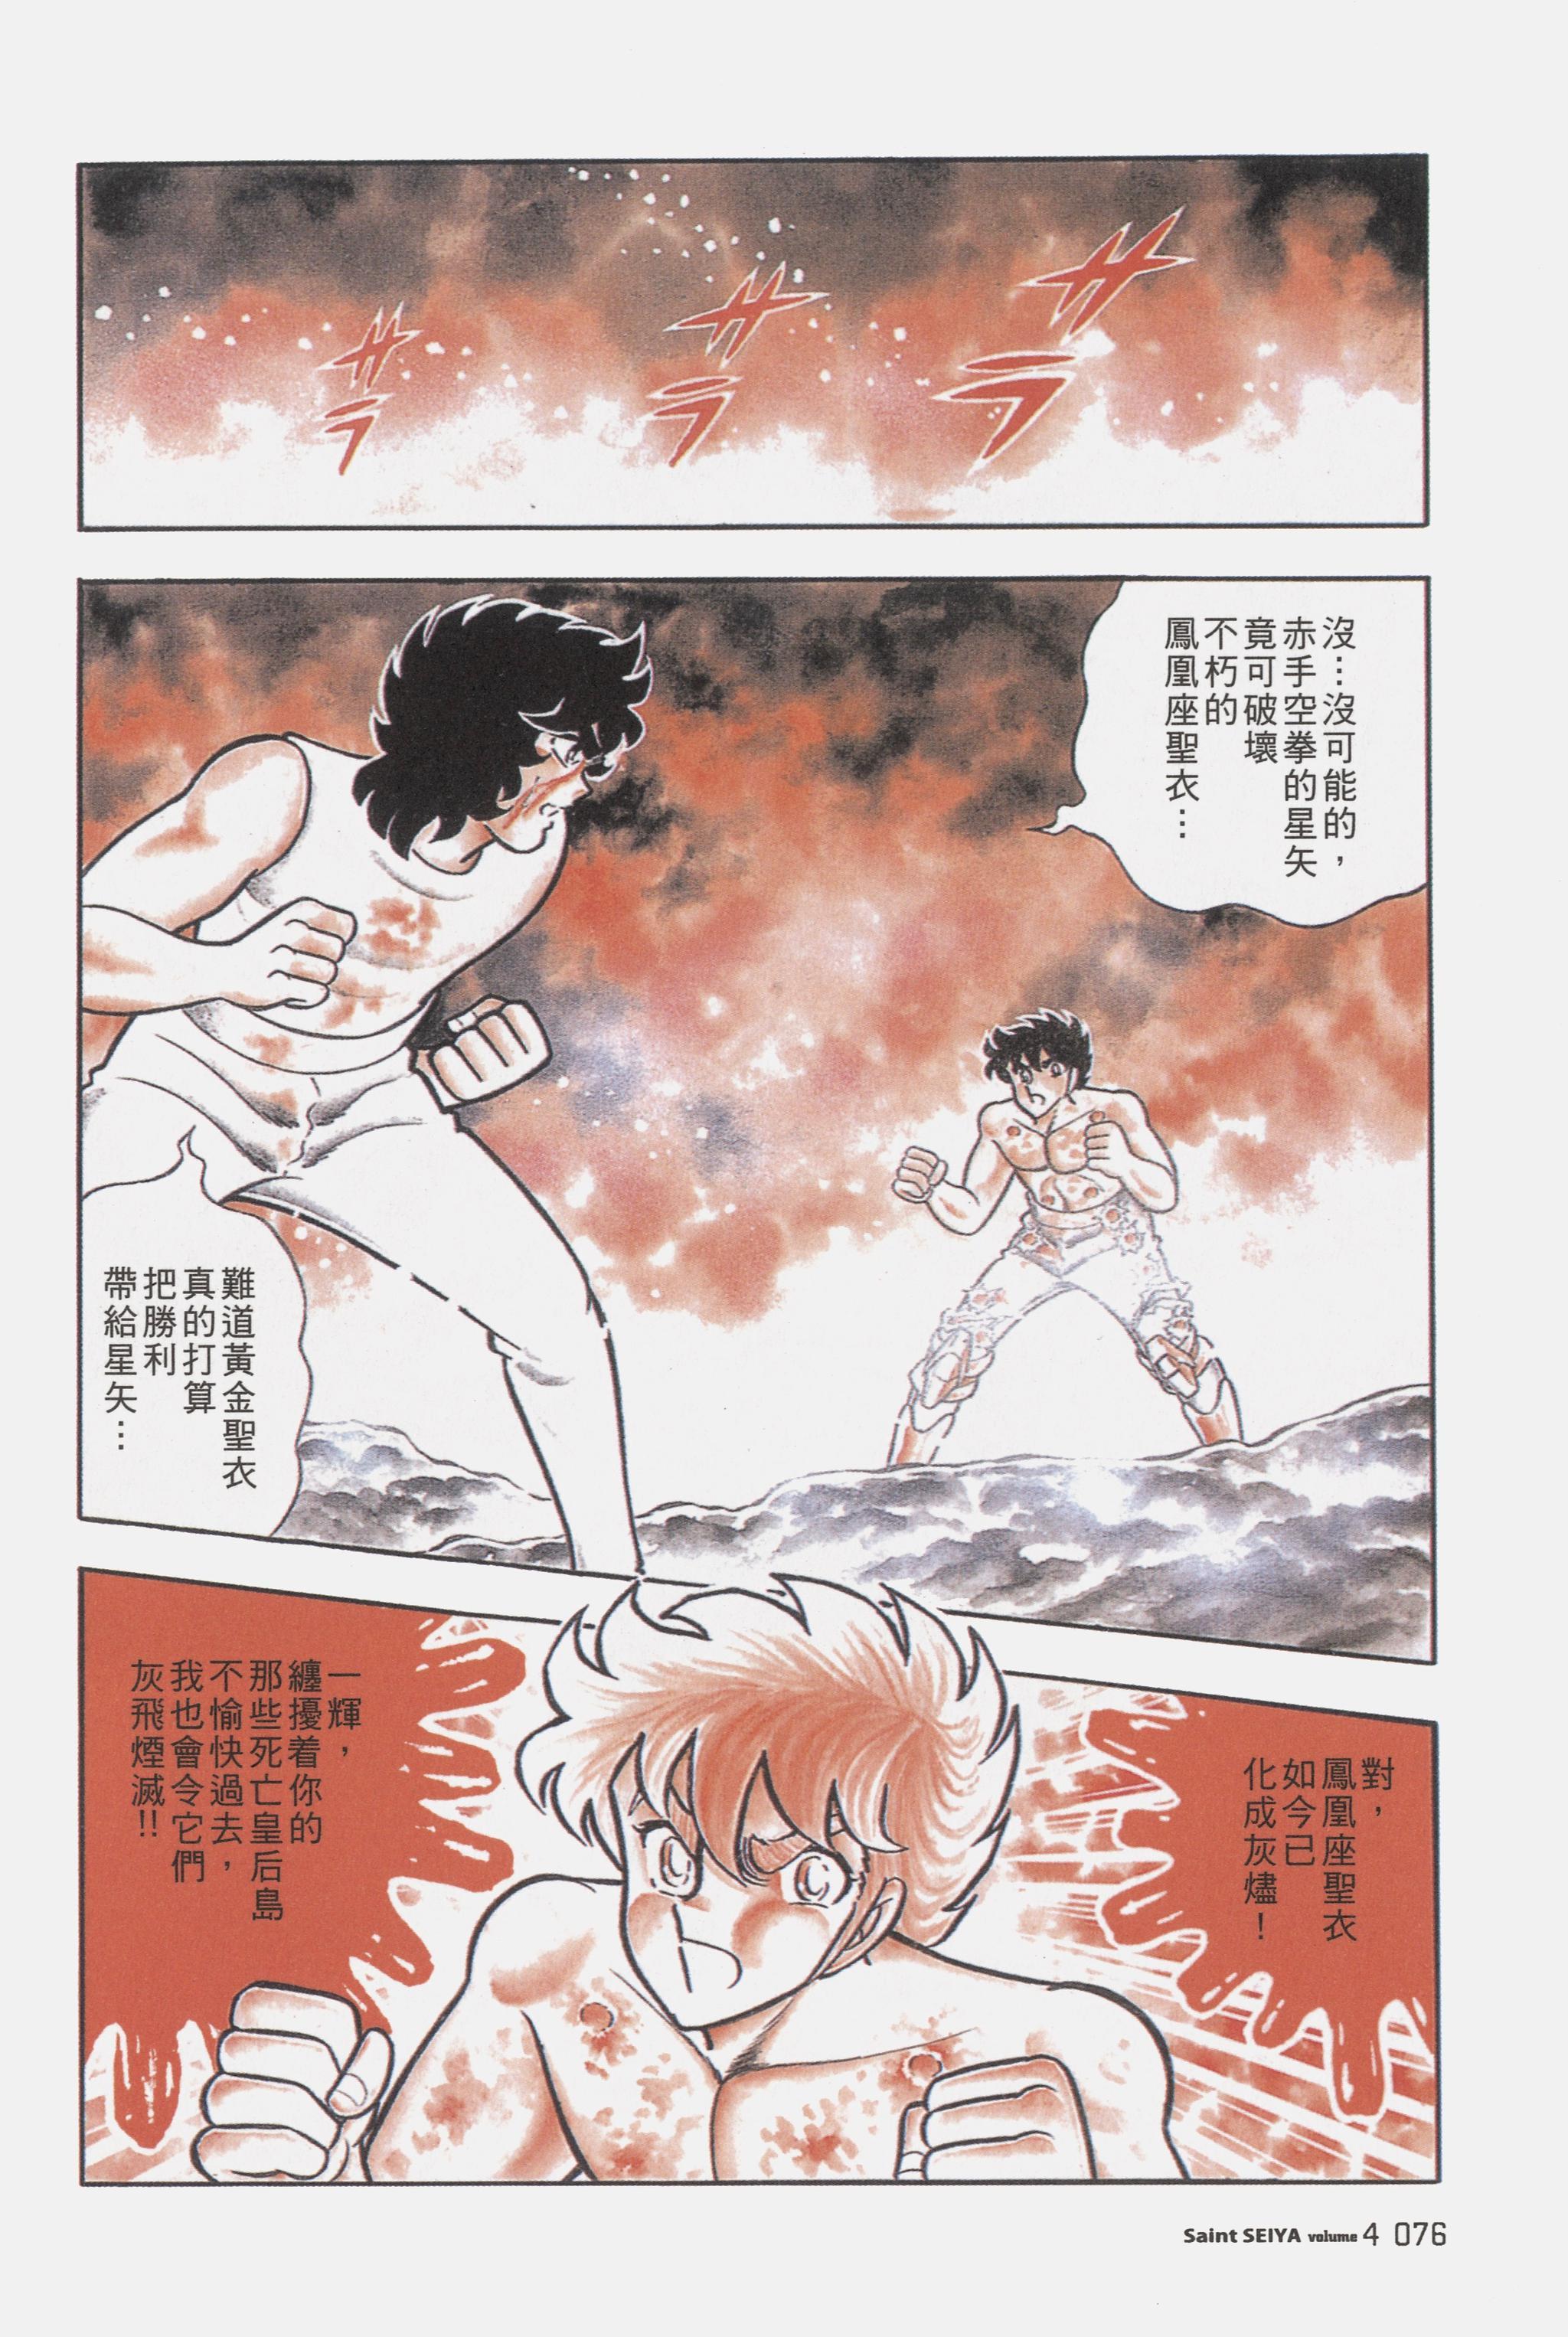 『车田正美』原作漫画《圣斗士星矢》第19话 不死鸟化为灰烬!